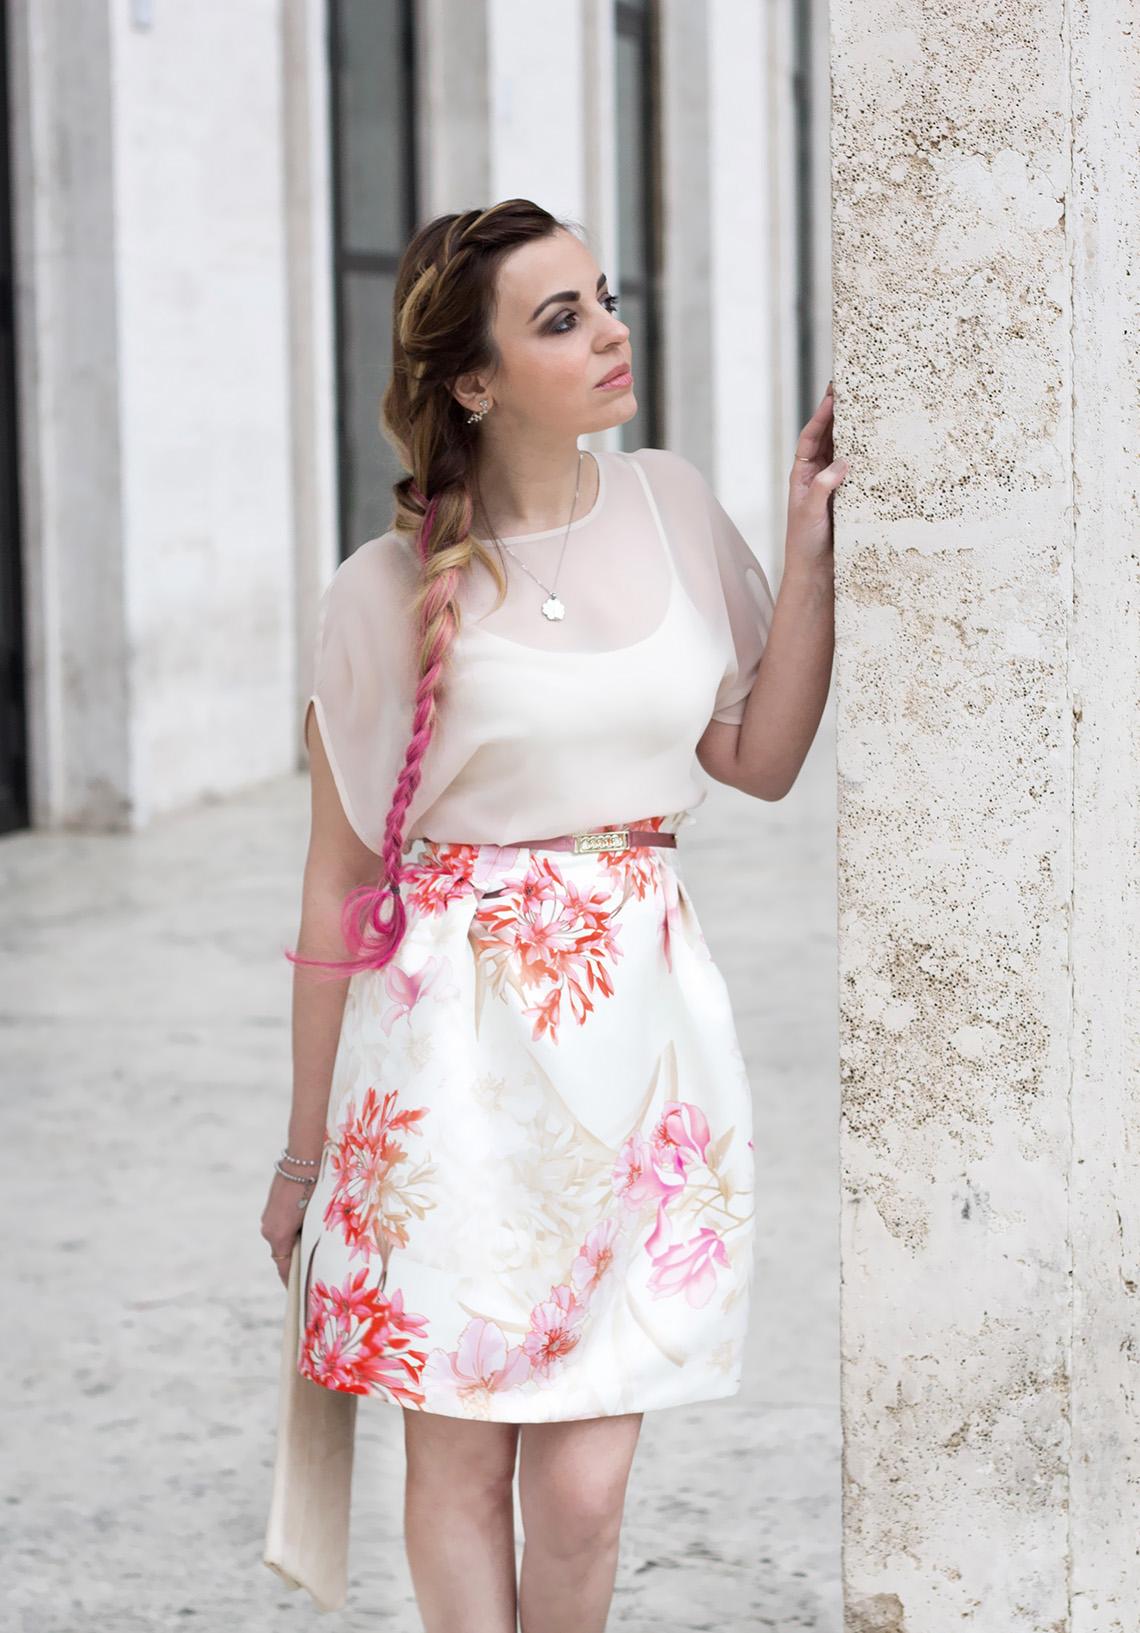 come_vestirsi_per_una_cerimonia_dressing_and_toppings_3_26230501784_o